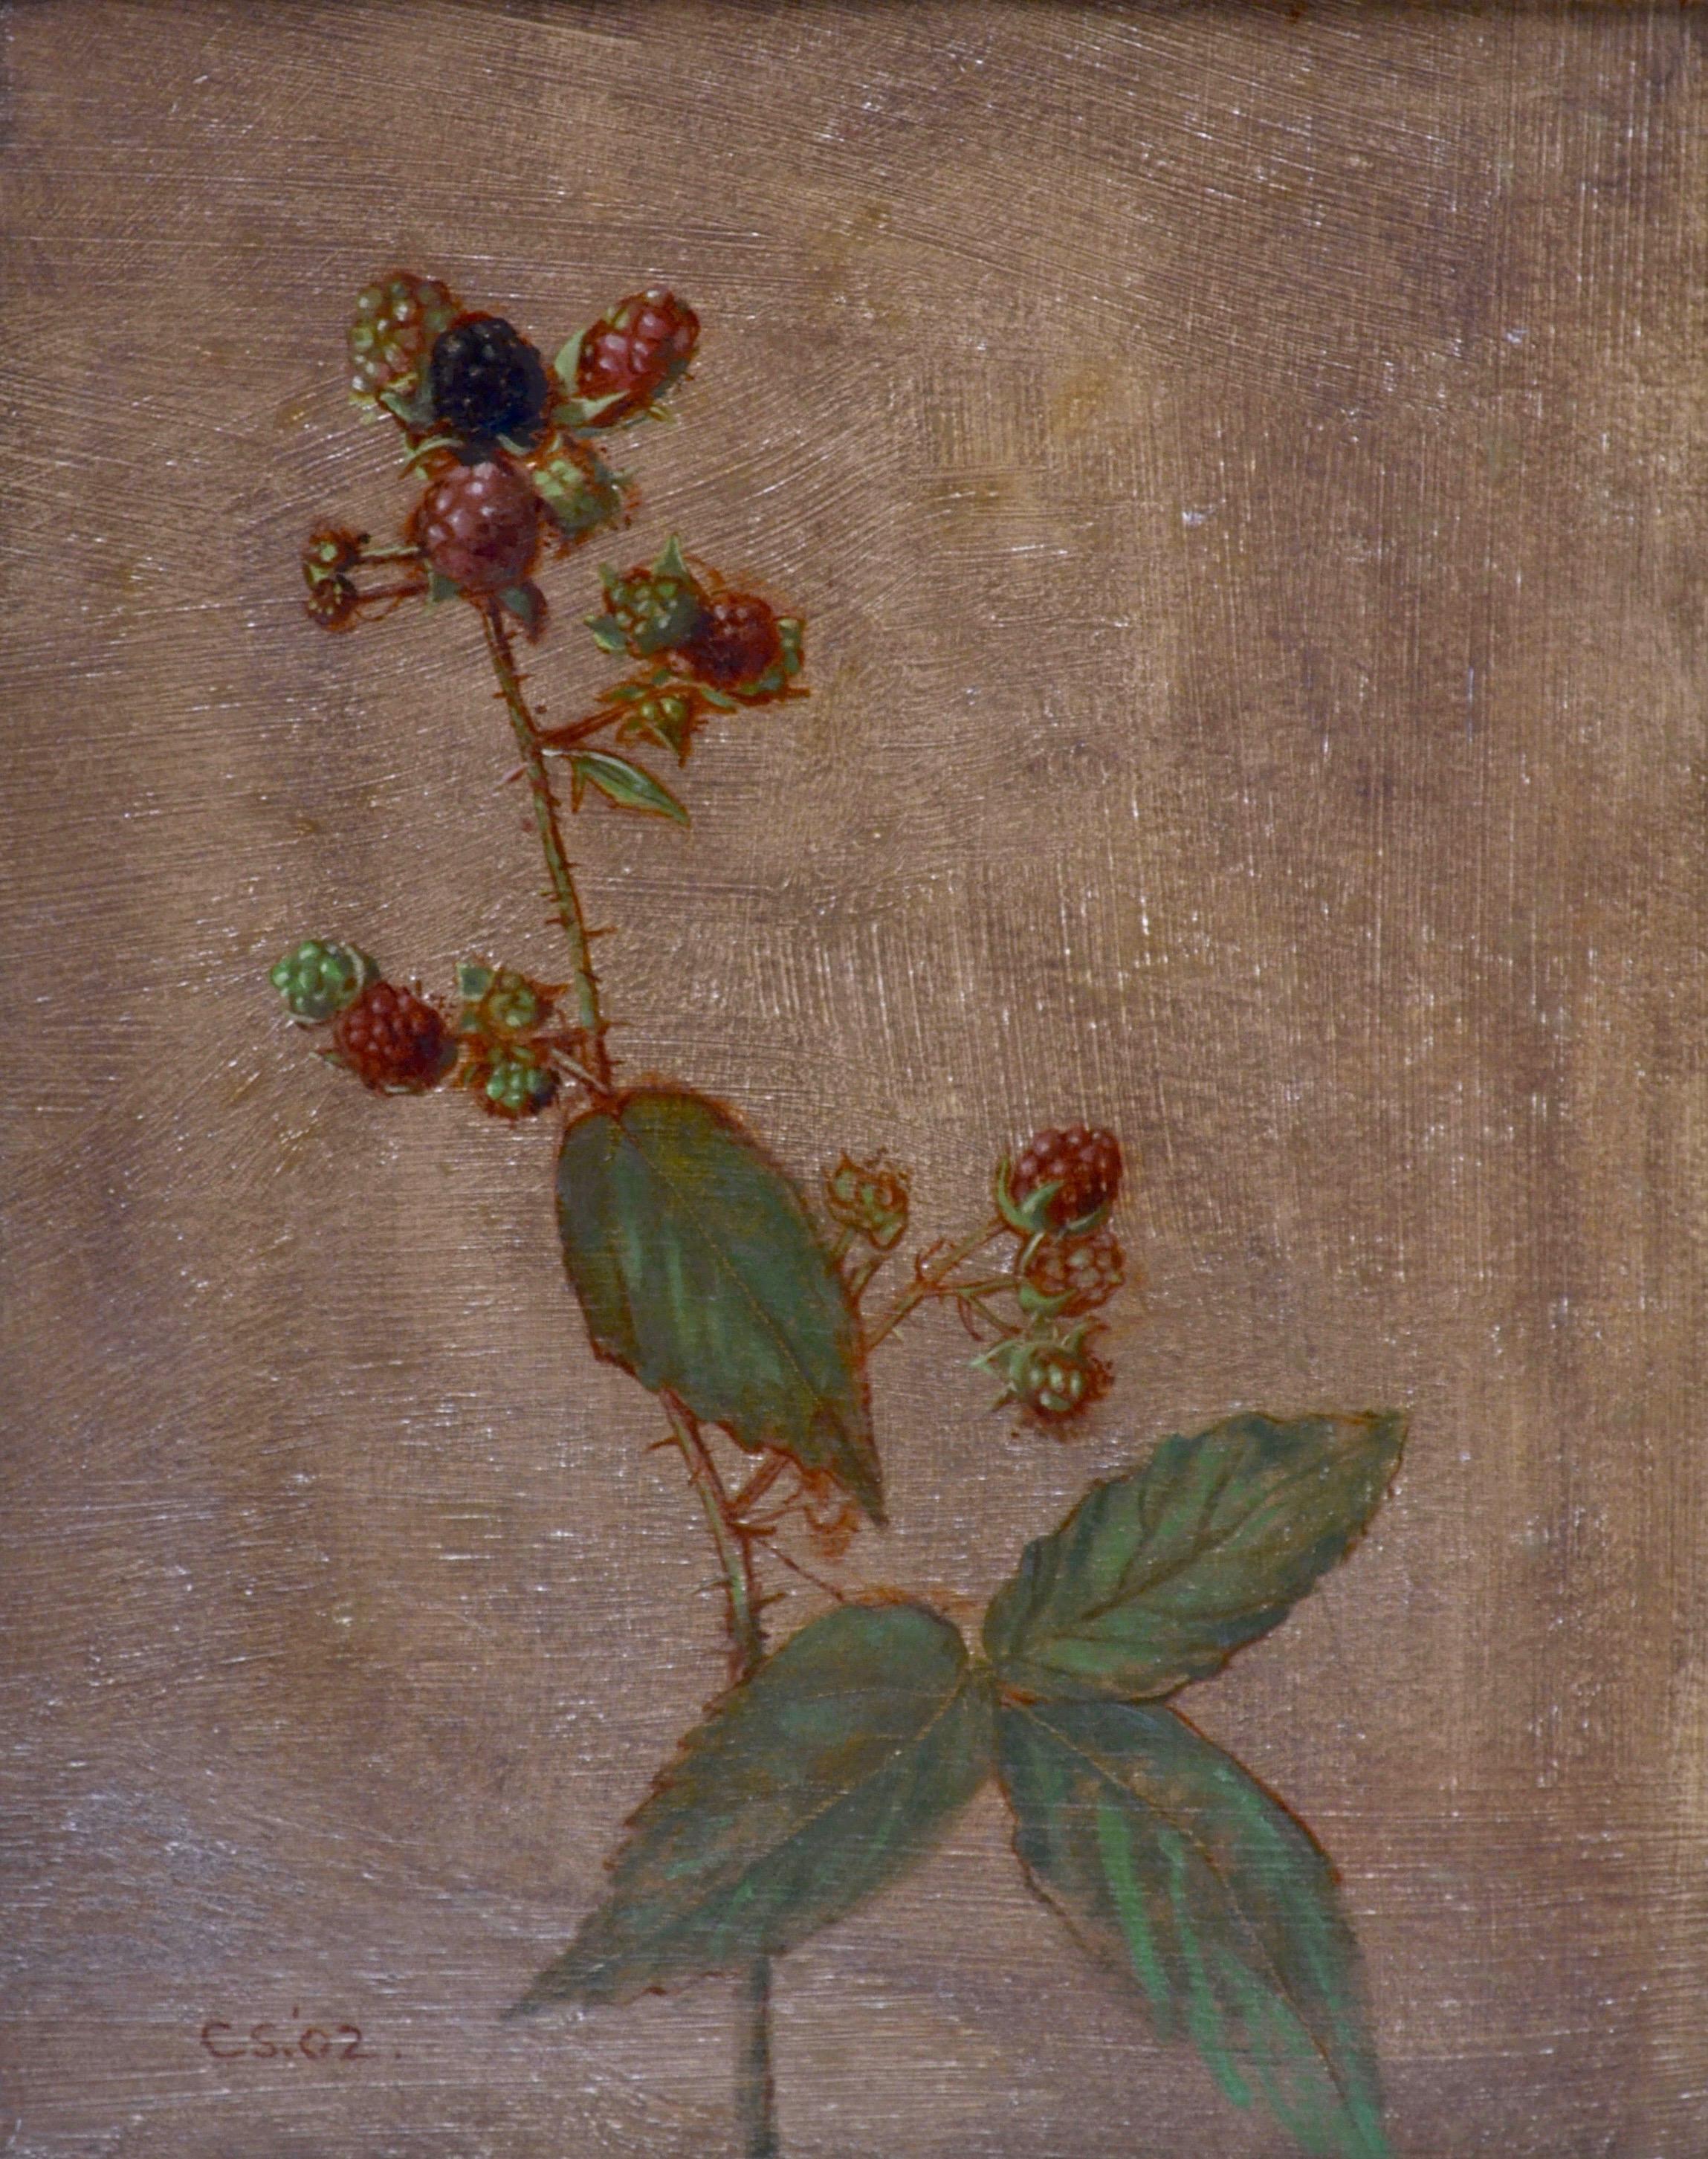 Blackberries - 21st Century still life oil on board by Carolyn Sergeant